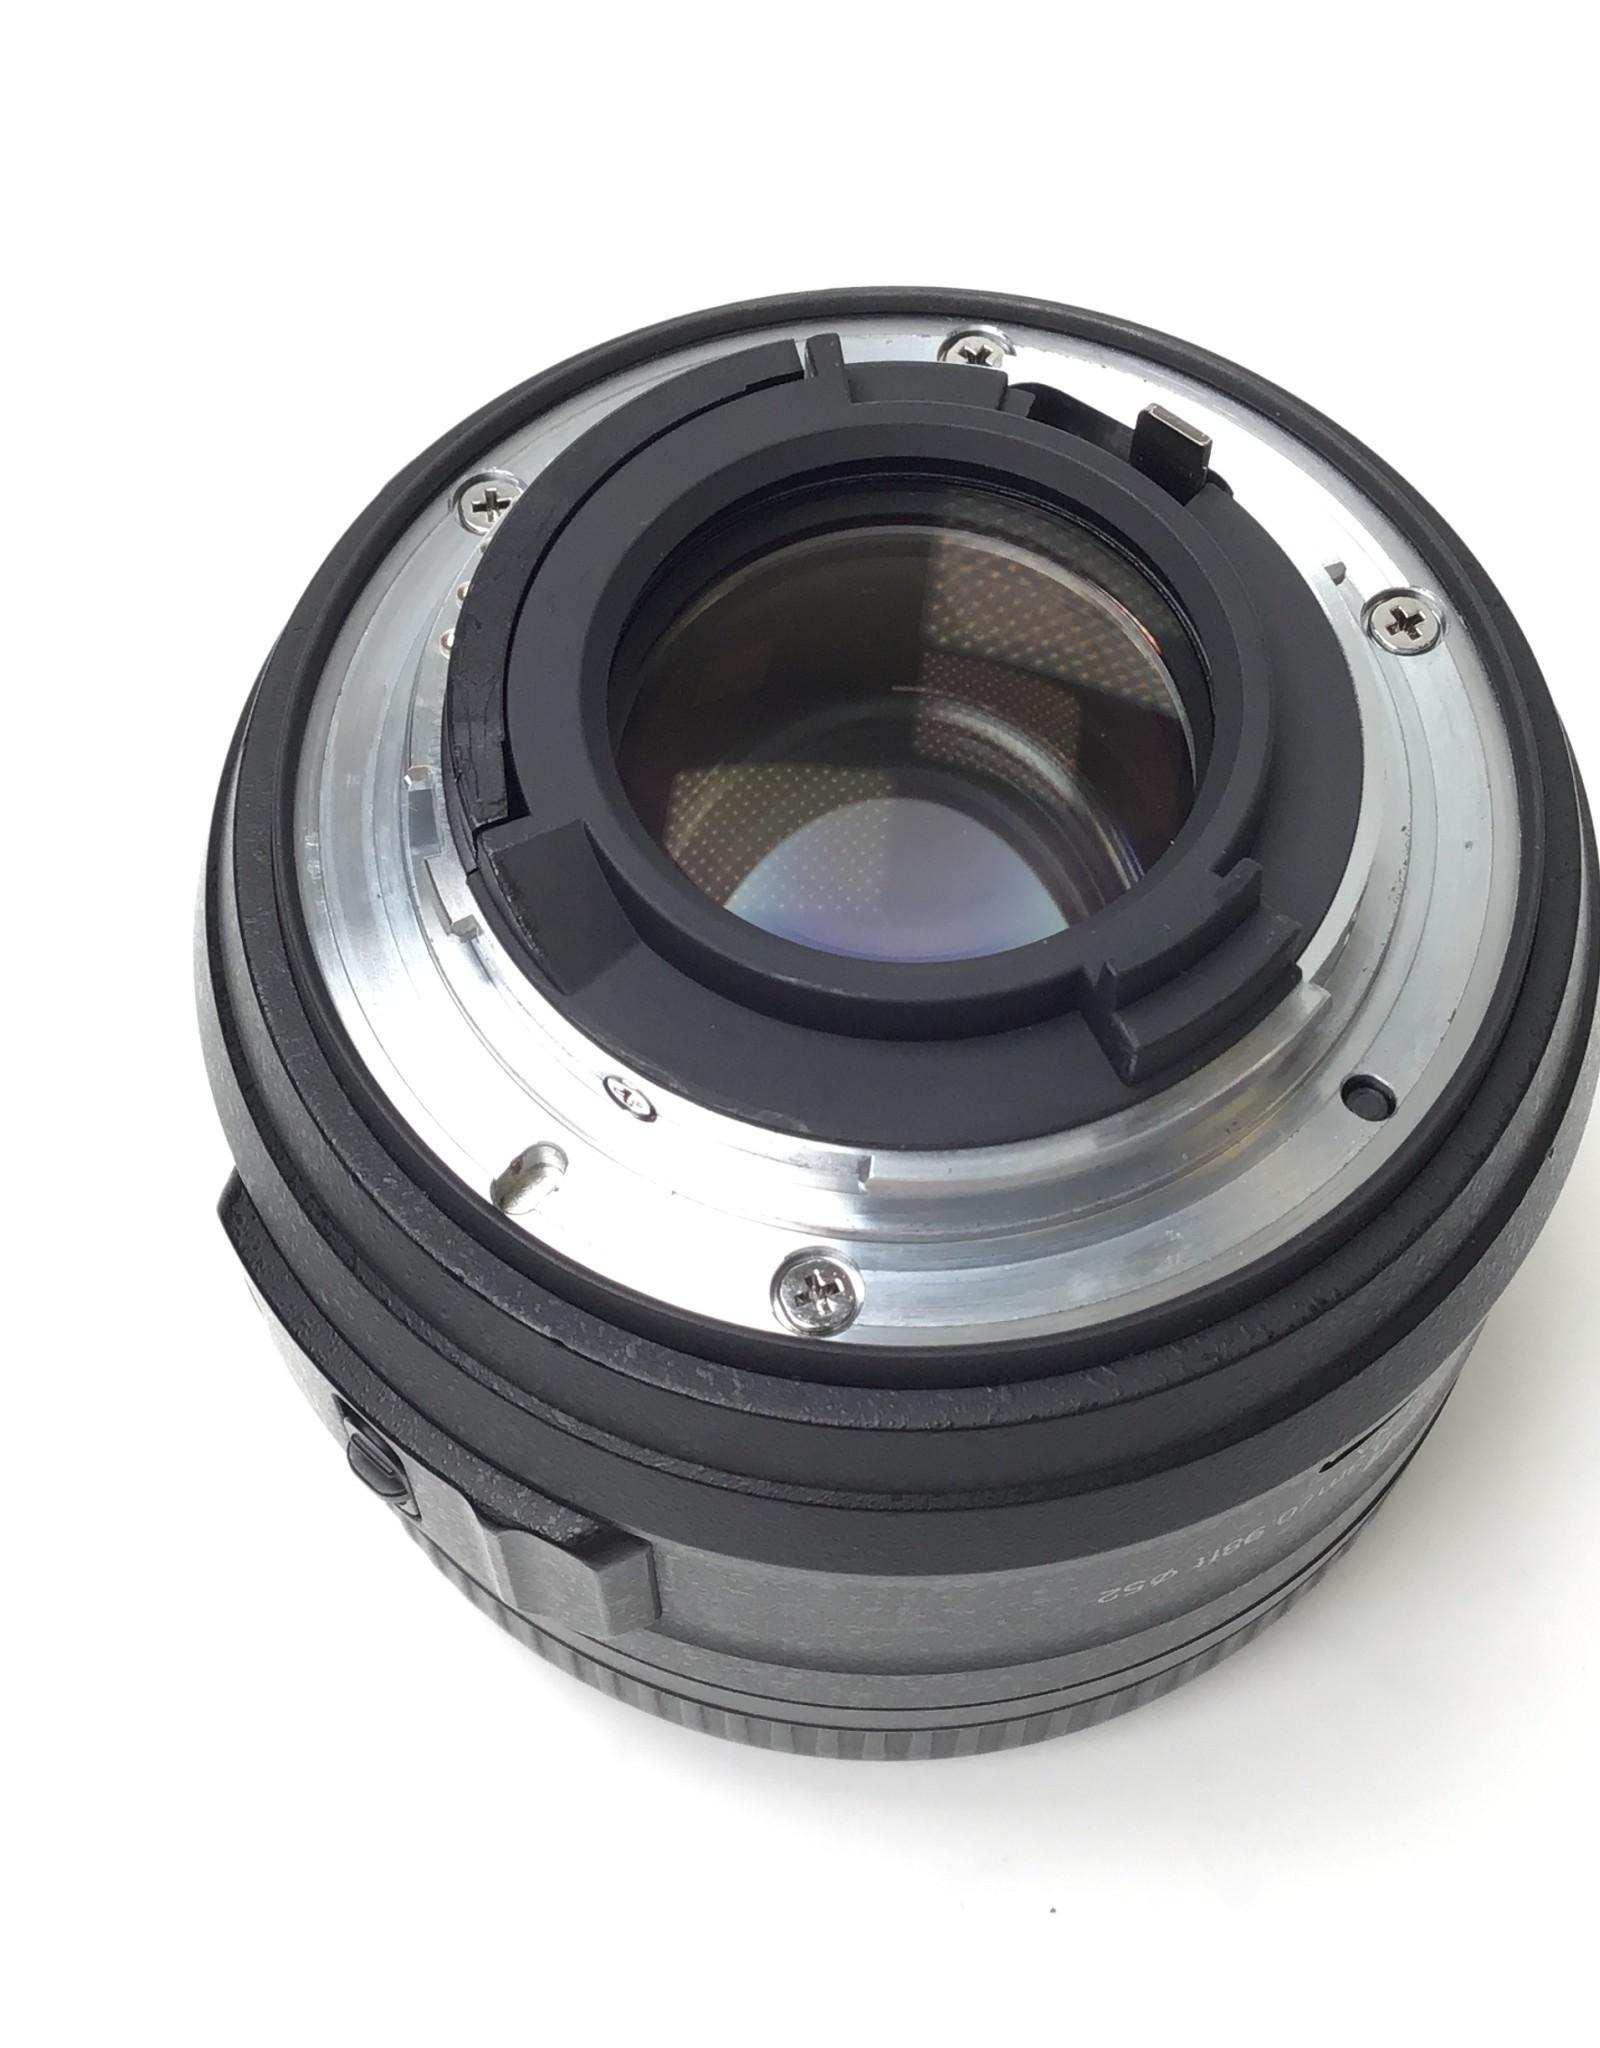 NIKON Nikon AF-S Nikkor 35mm f1.8 G DX Lens w/ Hood Used Good